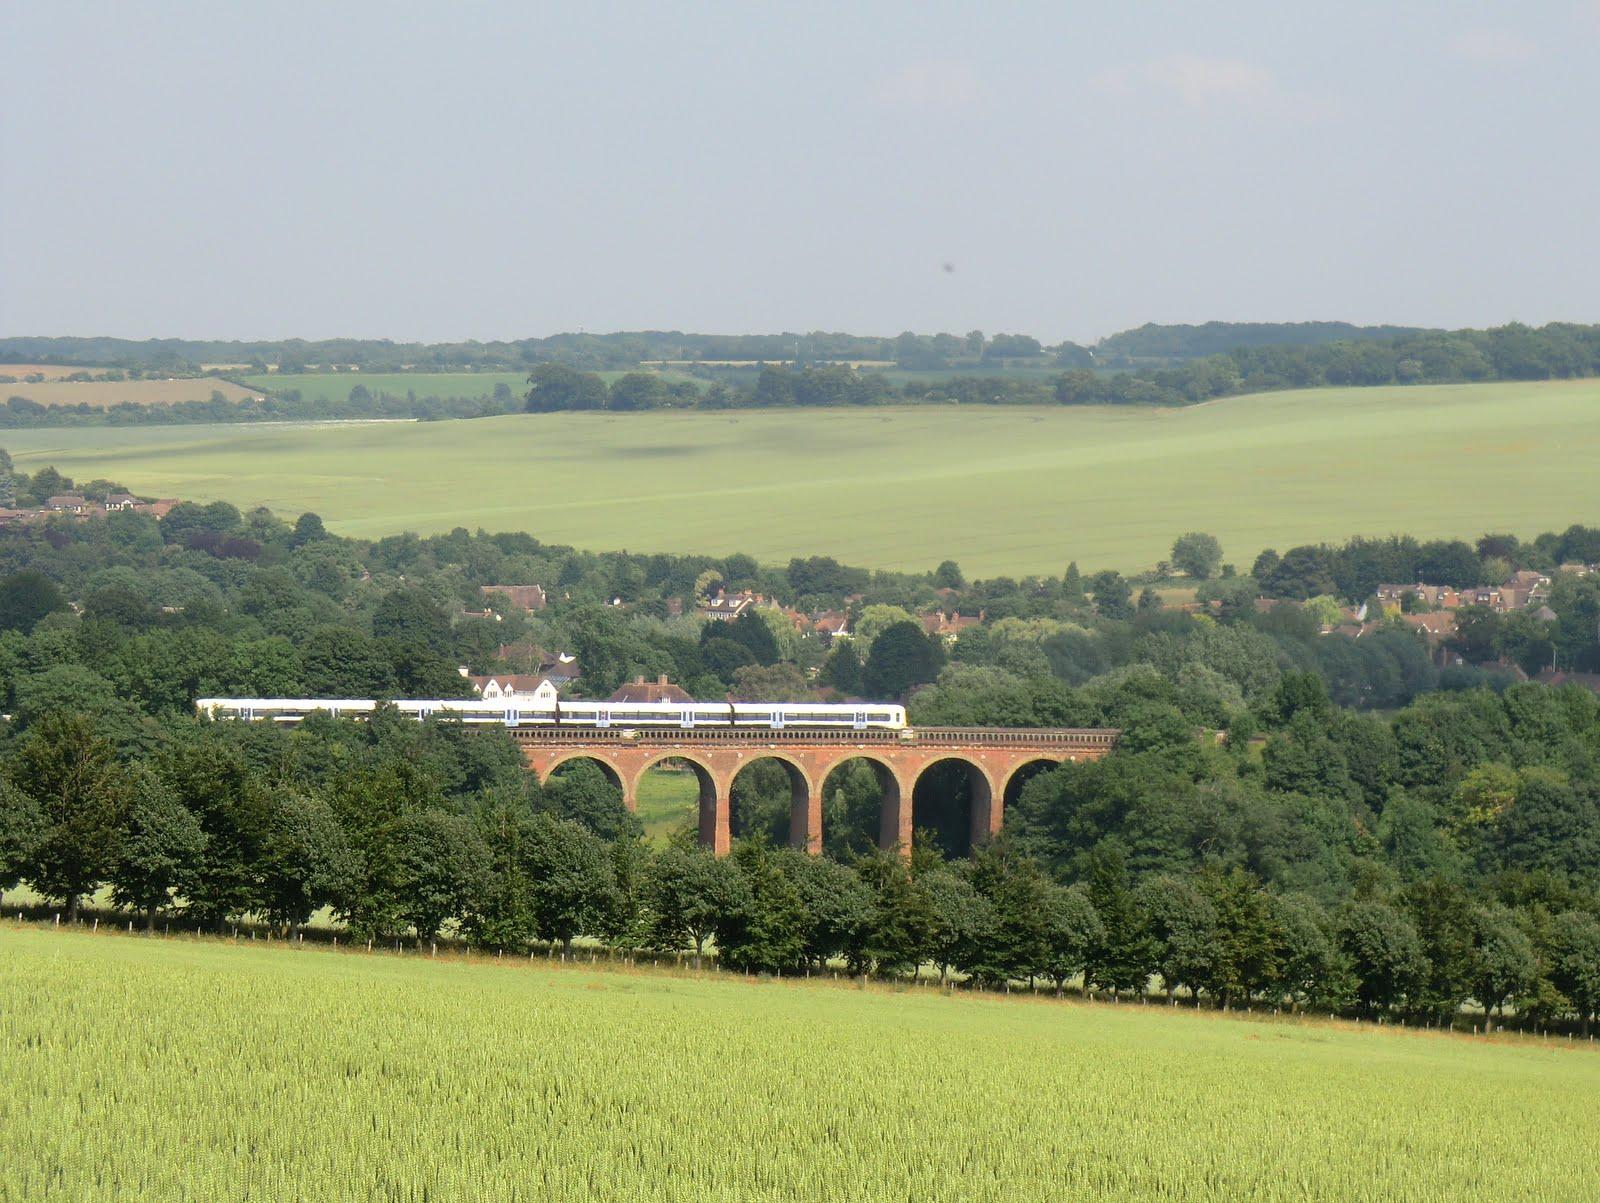 CIMG7517 Eynsford Viaduct